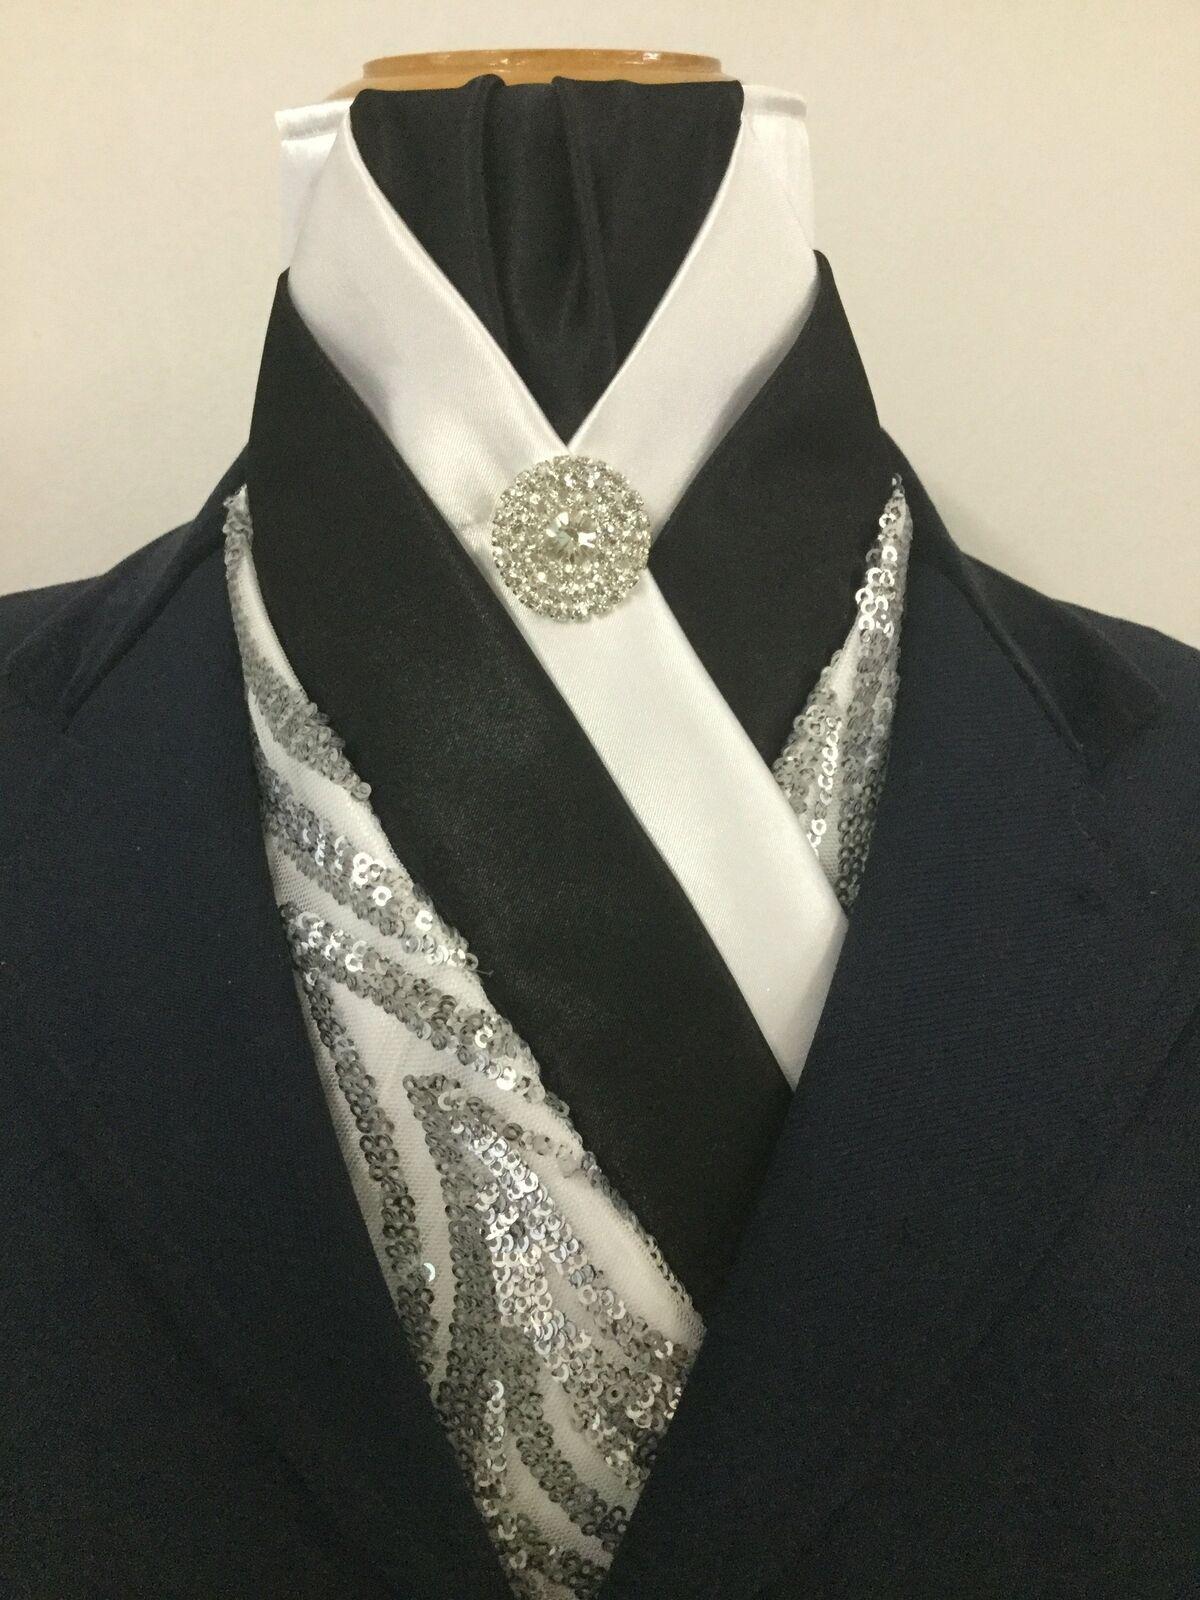 Enfermedad Cochedíaca hipertensiva   Bella  blancoo y Negro Satinado Corbata de lazo Corbata con Lentejuelas Metálica en Stock  diseño único